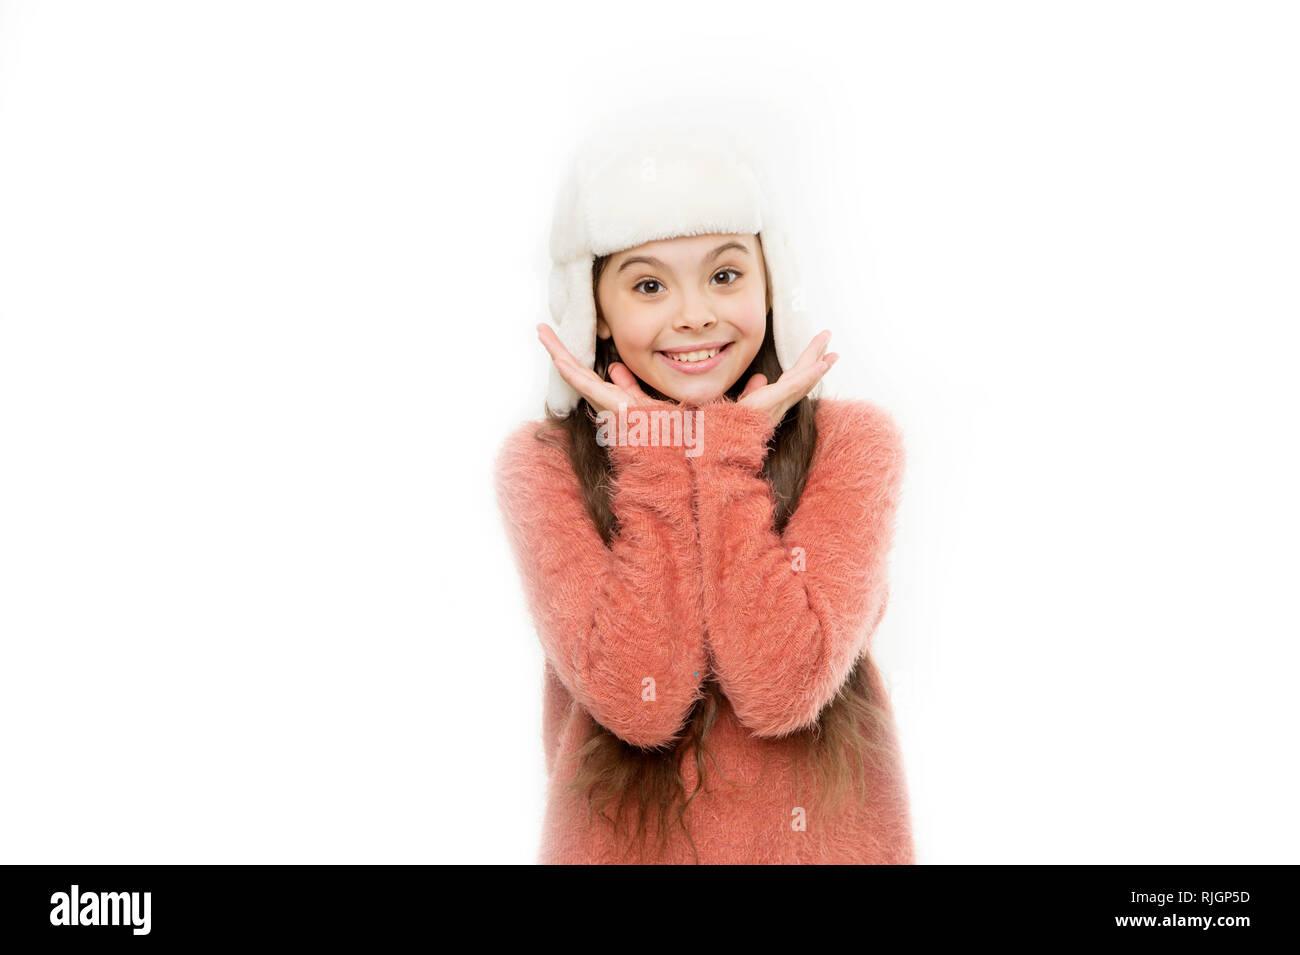 Kid ragazza indossare il cappello con paraorecchi sfondo bianco. Soffice  pelliccia accessorio. Consigli per 32f8e250ae69